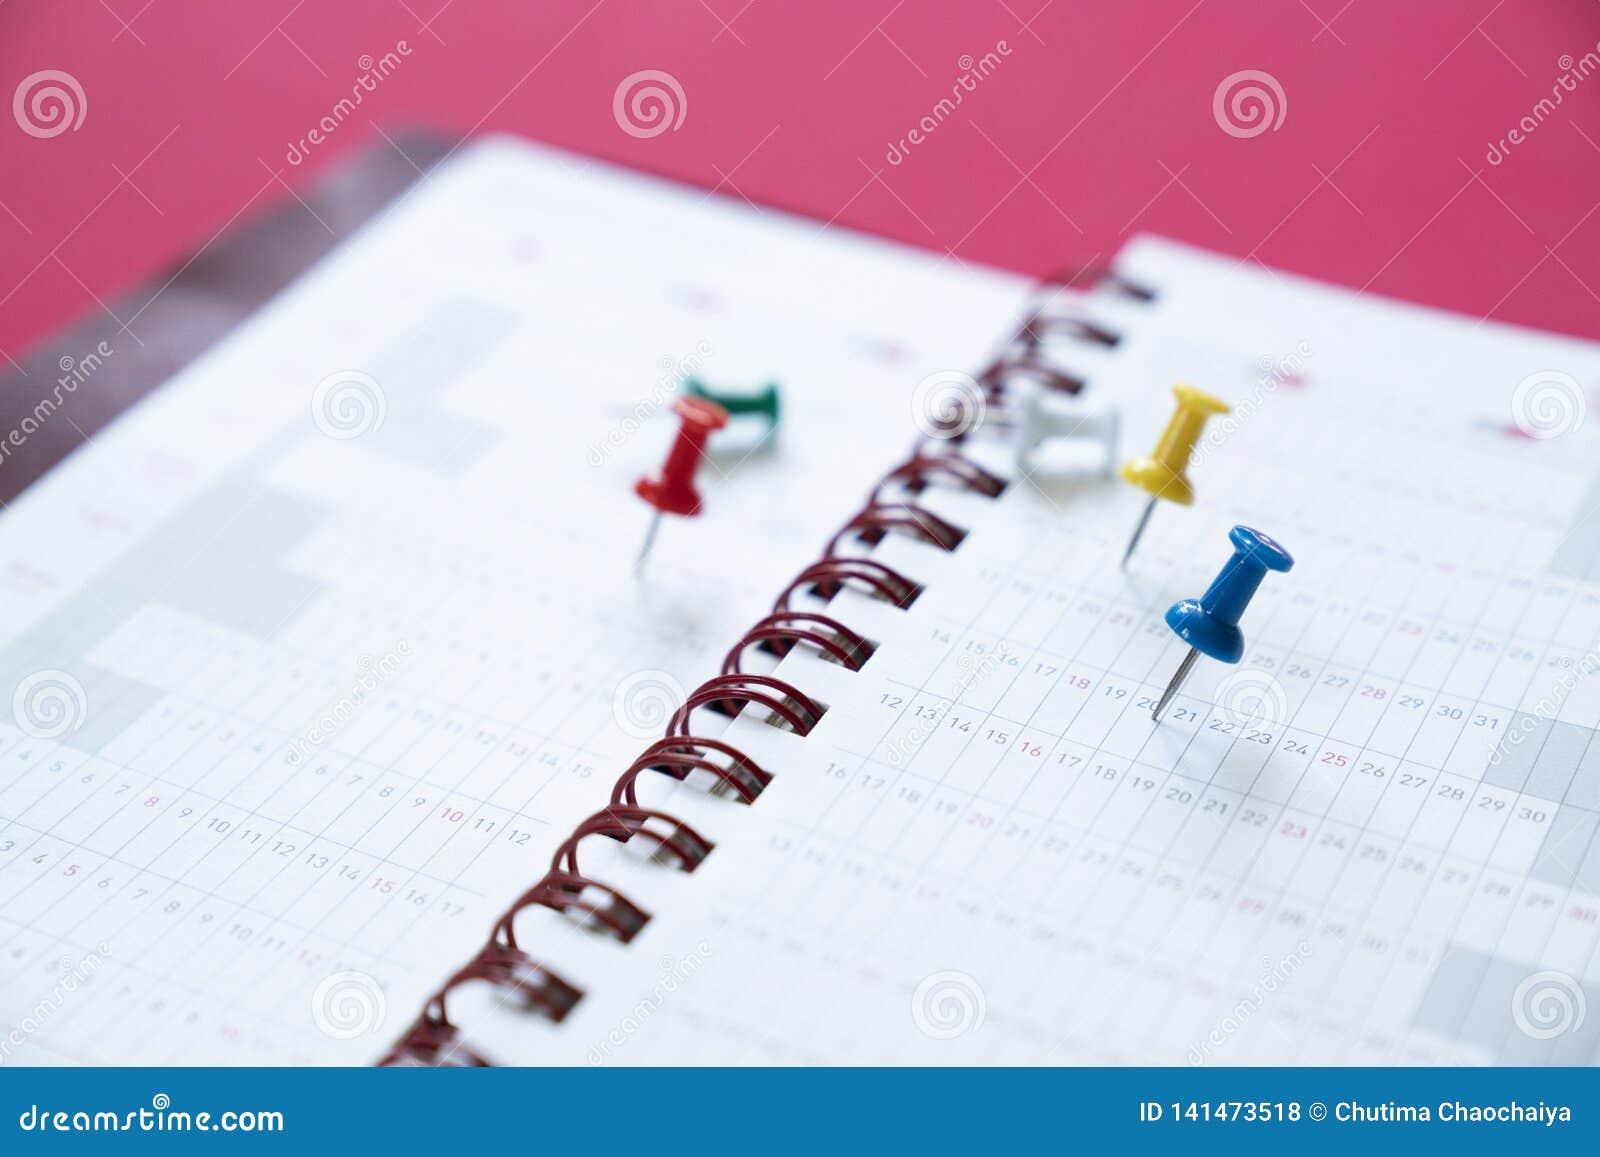 Schließen Sie oben vom Stift vom Kalender auf dem roten Hintergrund